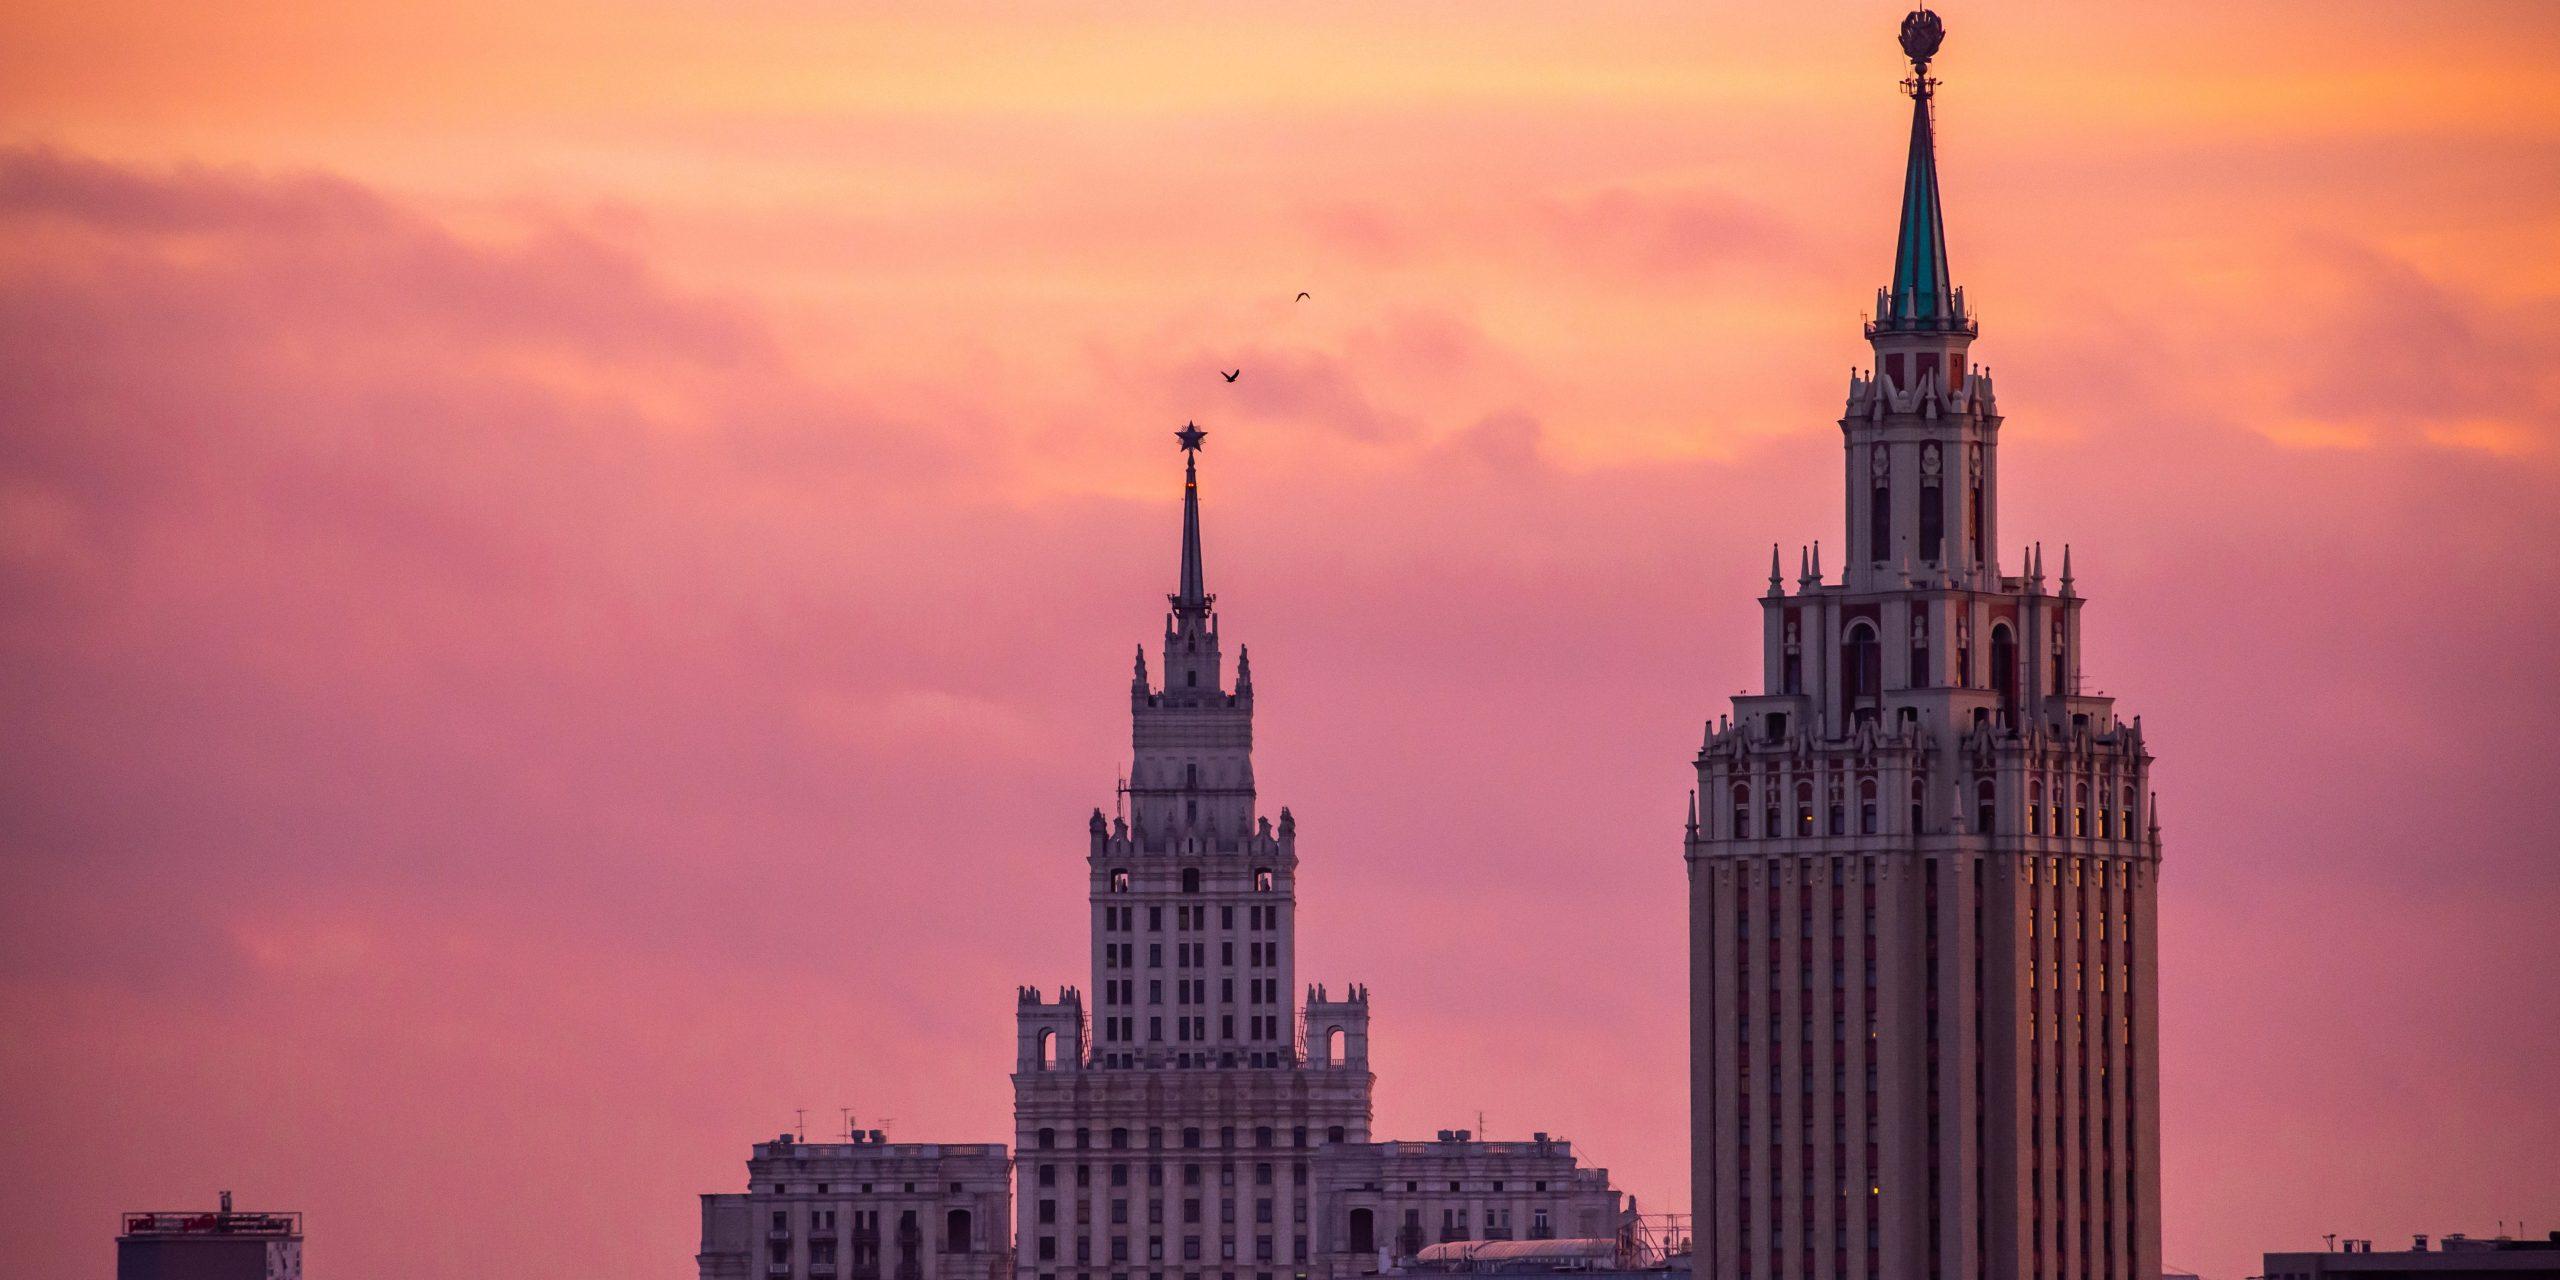 Москва присоединится к проекту Альянса умных городов G20 по внедрению цифровых технологий